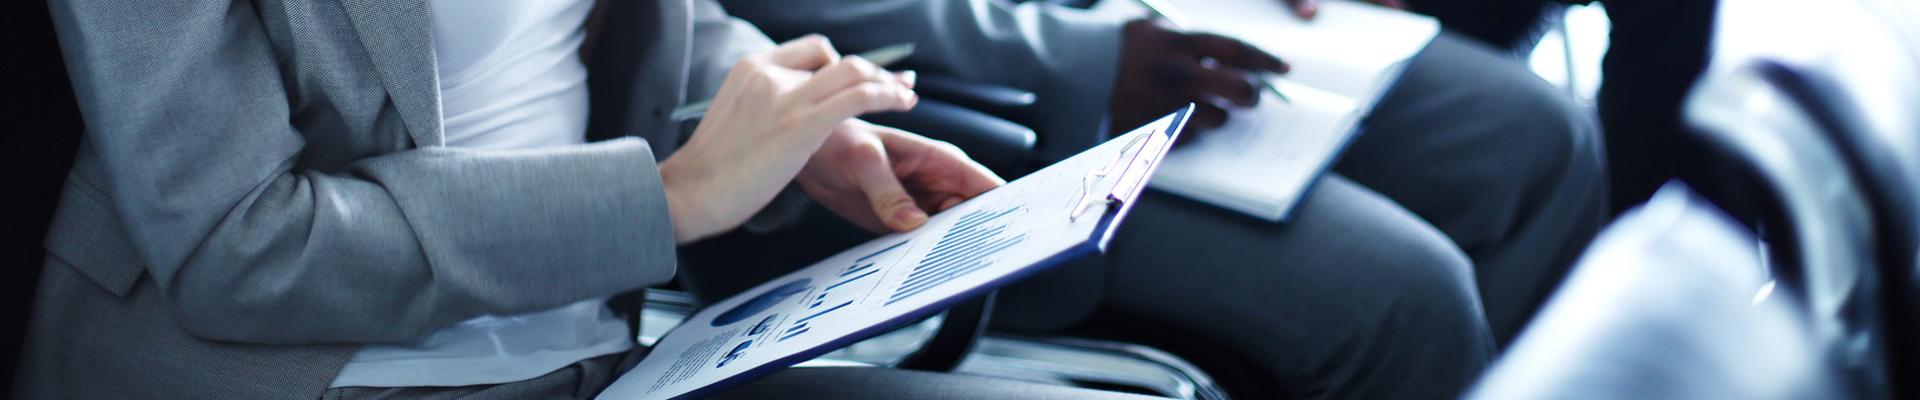 Επαγγελματική Αξιοποίηση του MS Excel  για Στελέχη Πωλήσεων – επίπεδo ΙΙ